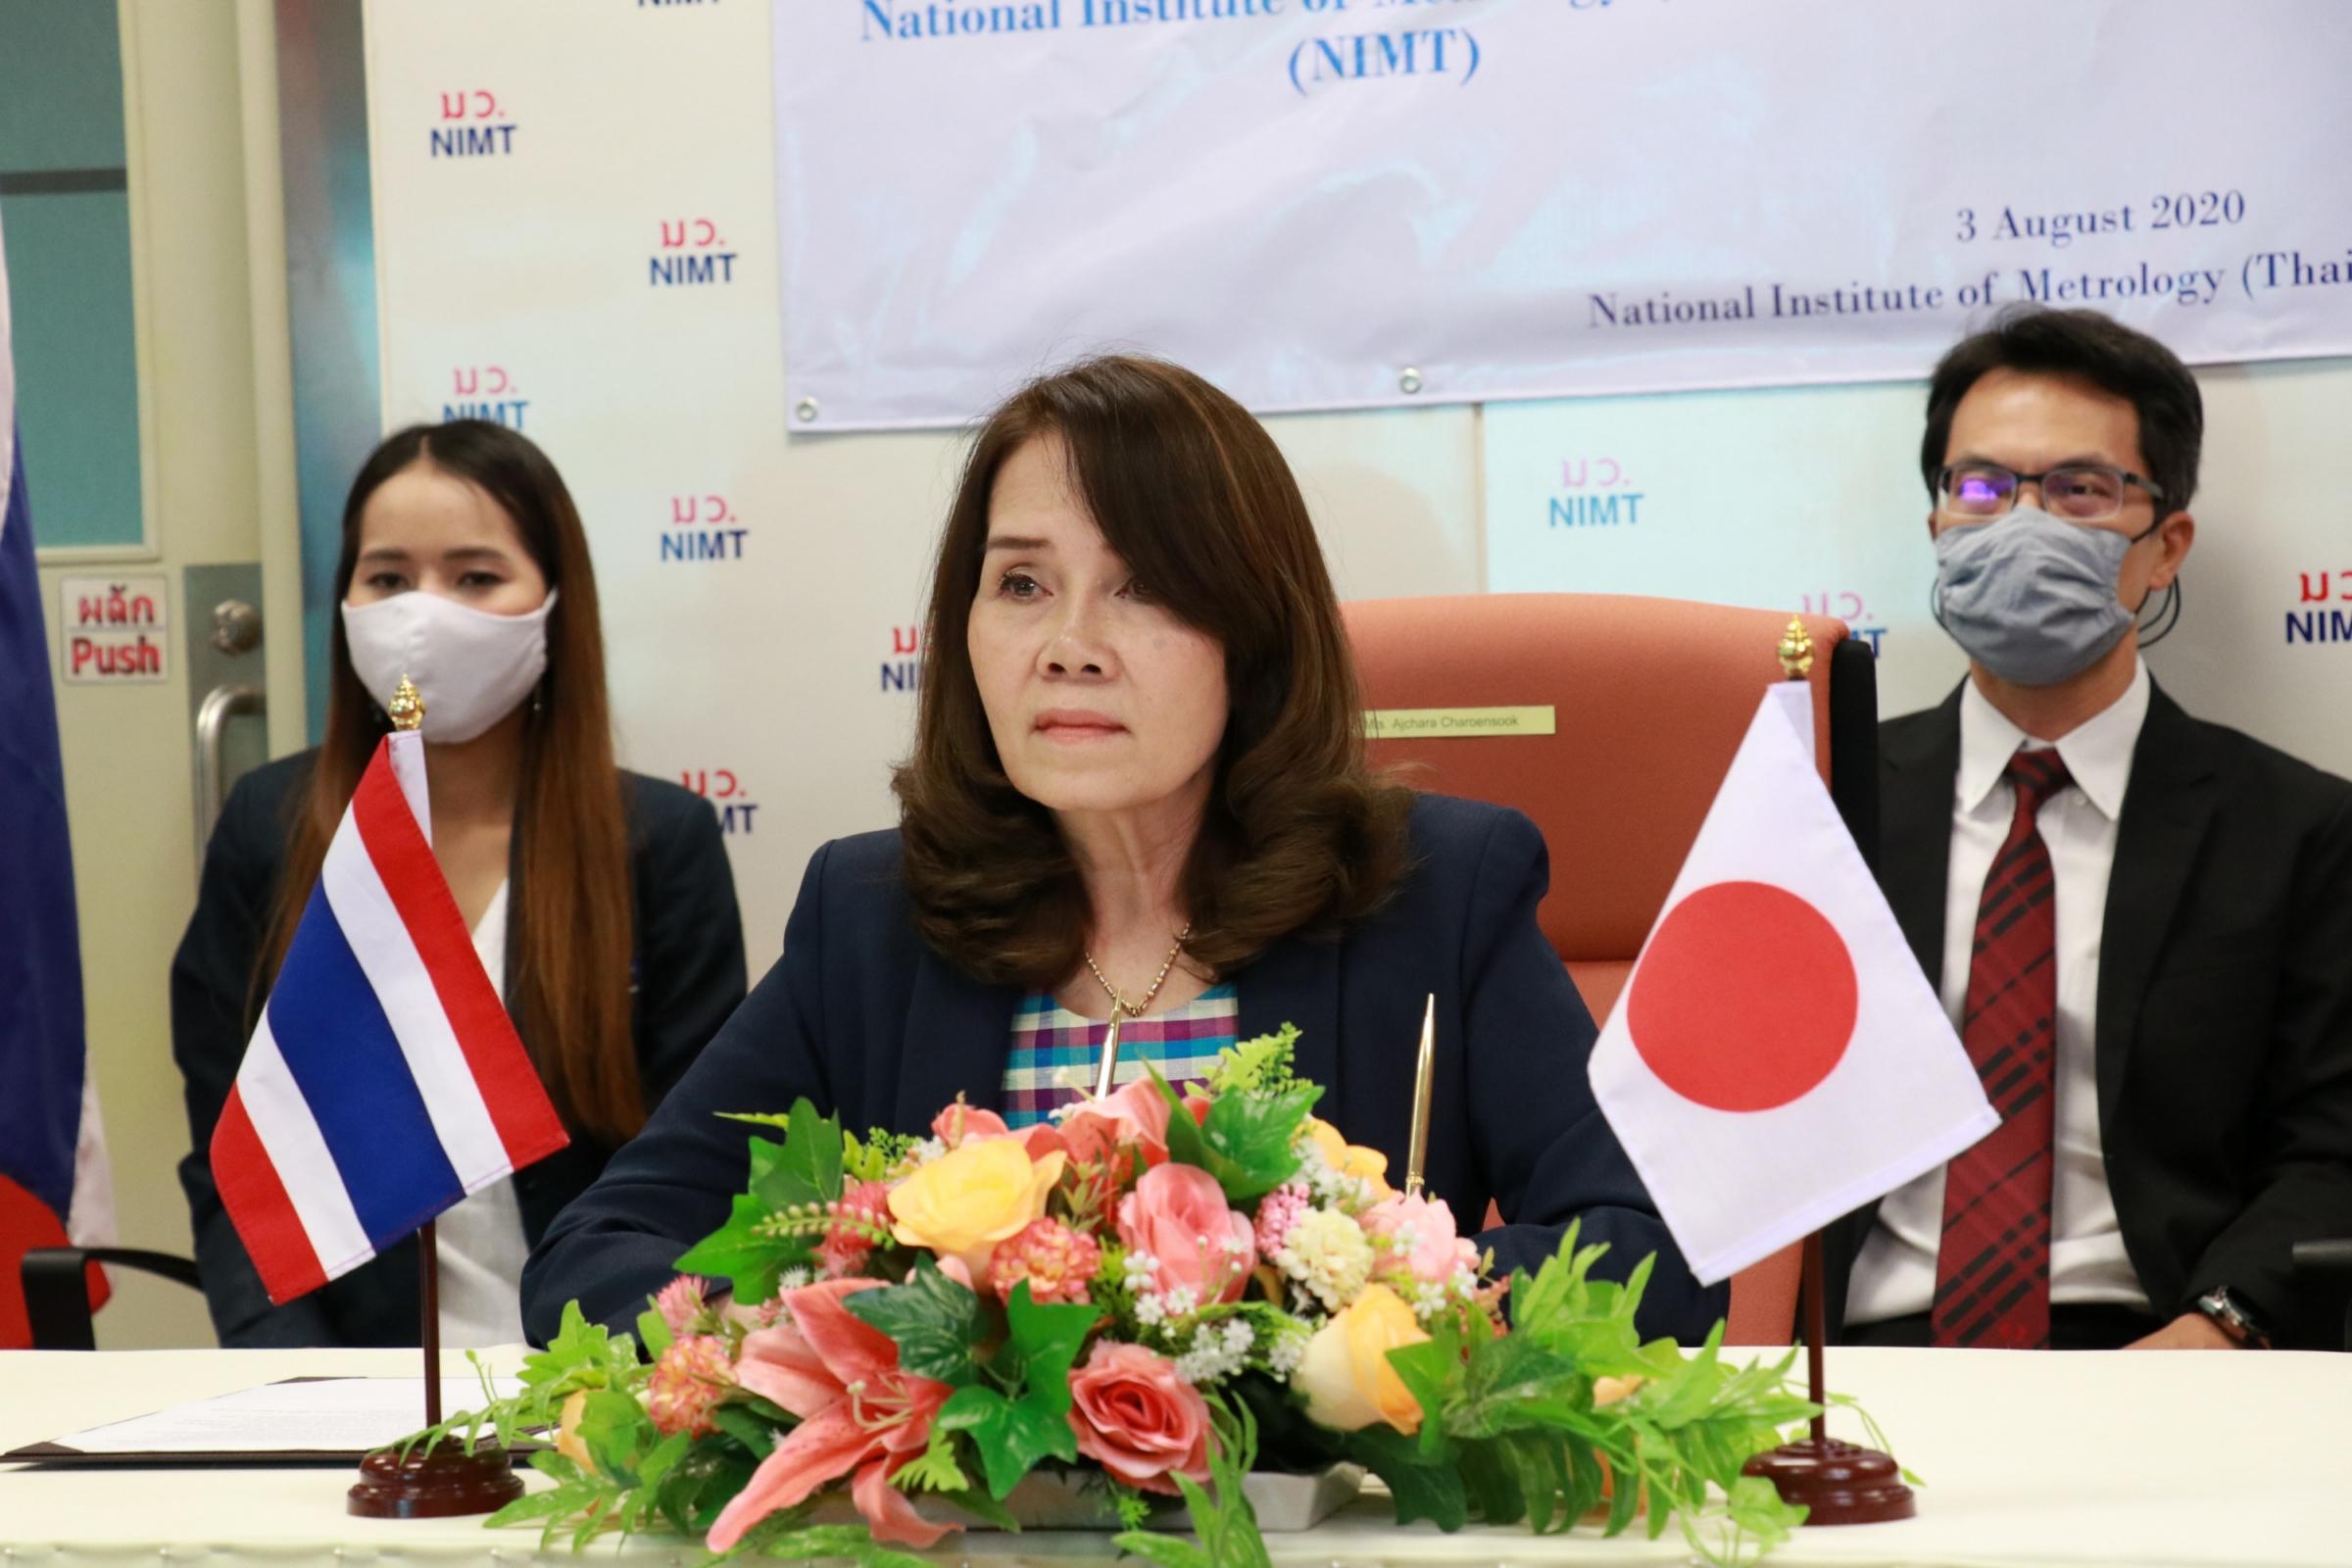 สถาบันมาตรวิทยาลงนาม MoU กระชับความสัมพันธ์กับสถาบันมาตรวิทยาแห่งชาติประเทศญี่ปุ่น